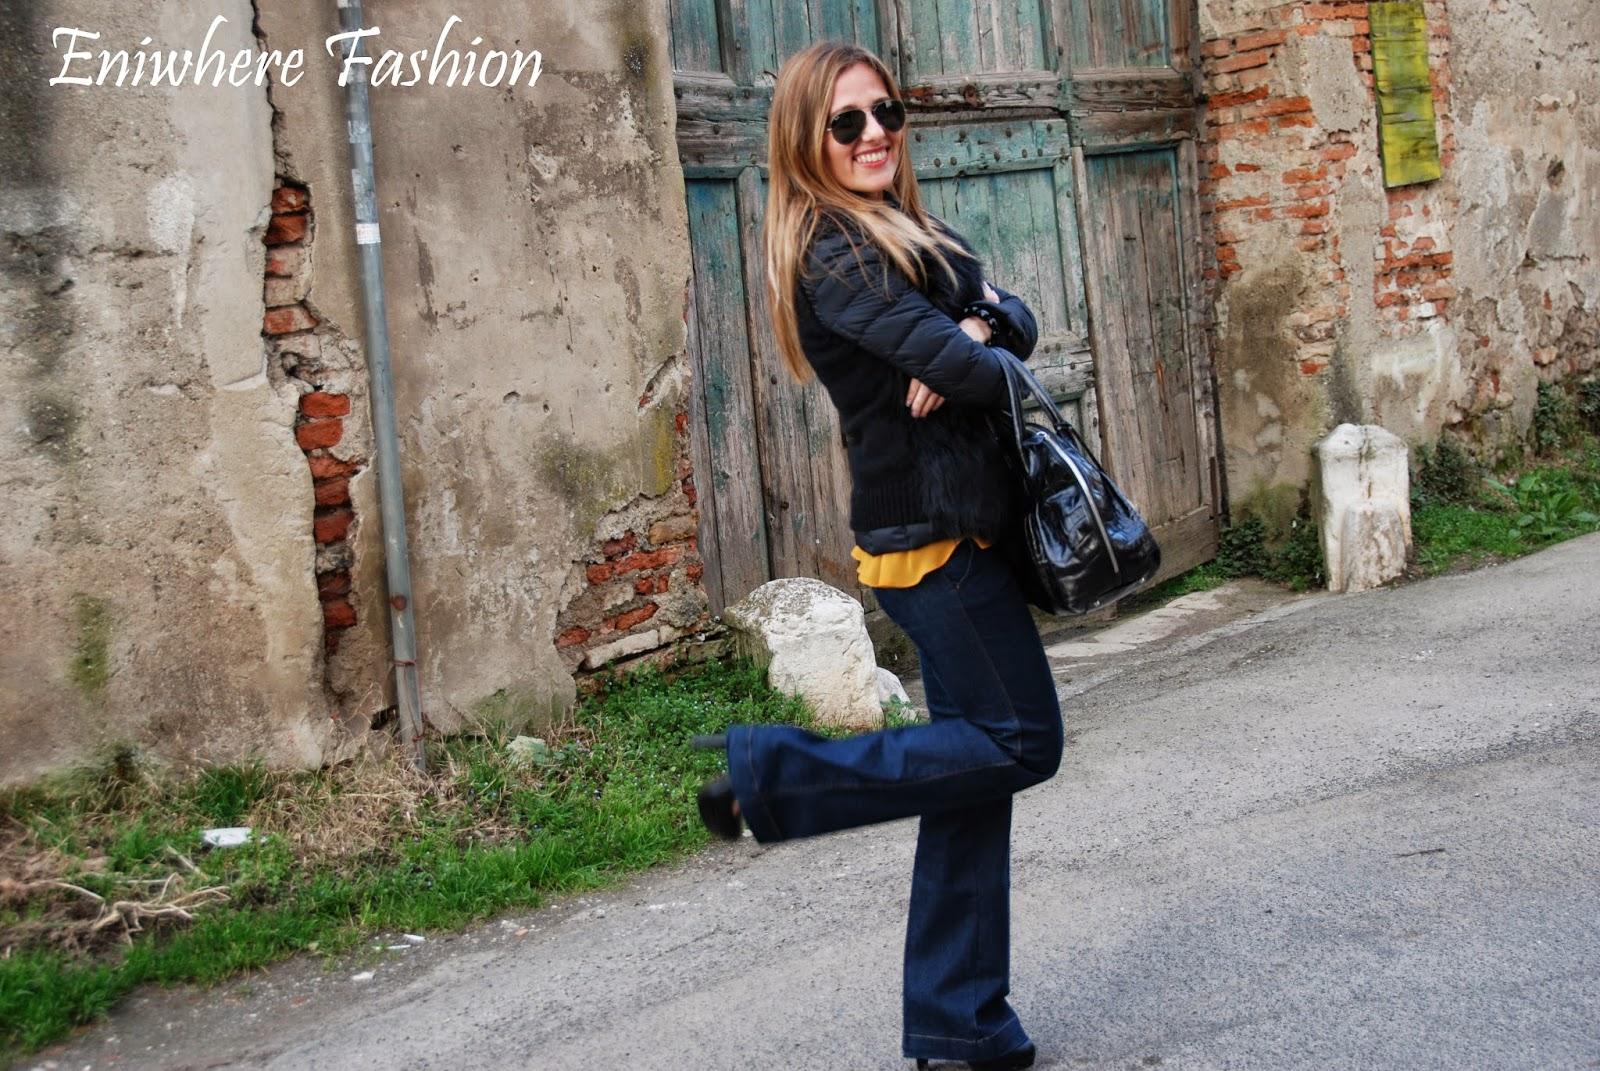 Eniwhere Fashion jeans zampa Mango